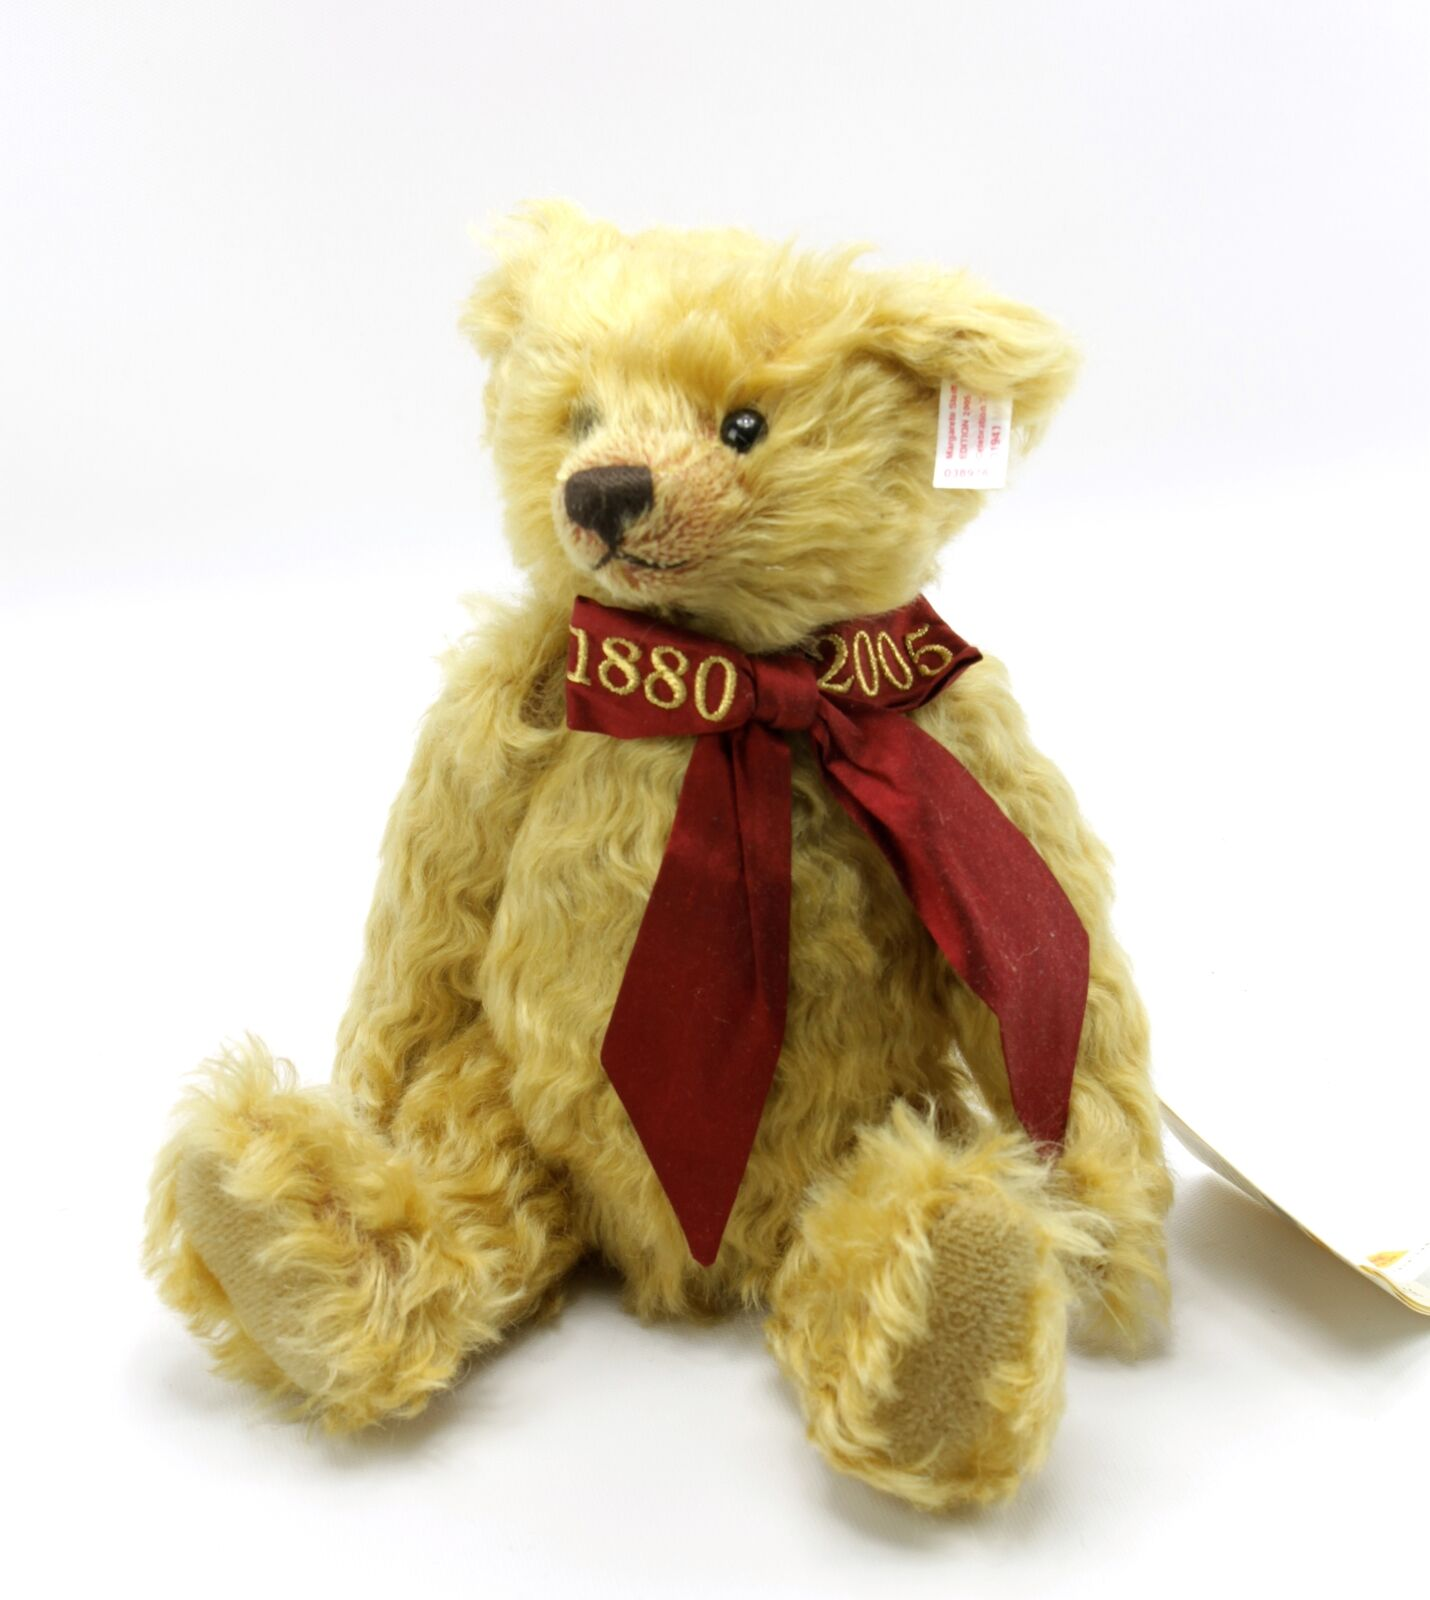 Steiff Teddy Bear Celebration Teddybar Blonde Jointed Mohair 1880-2005 30cm